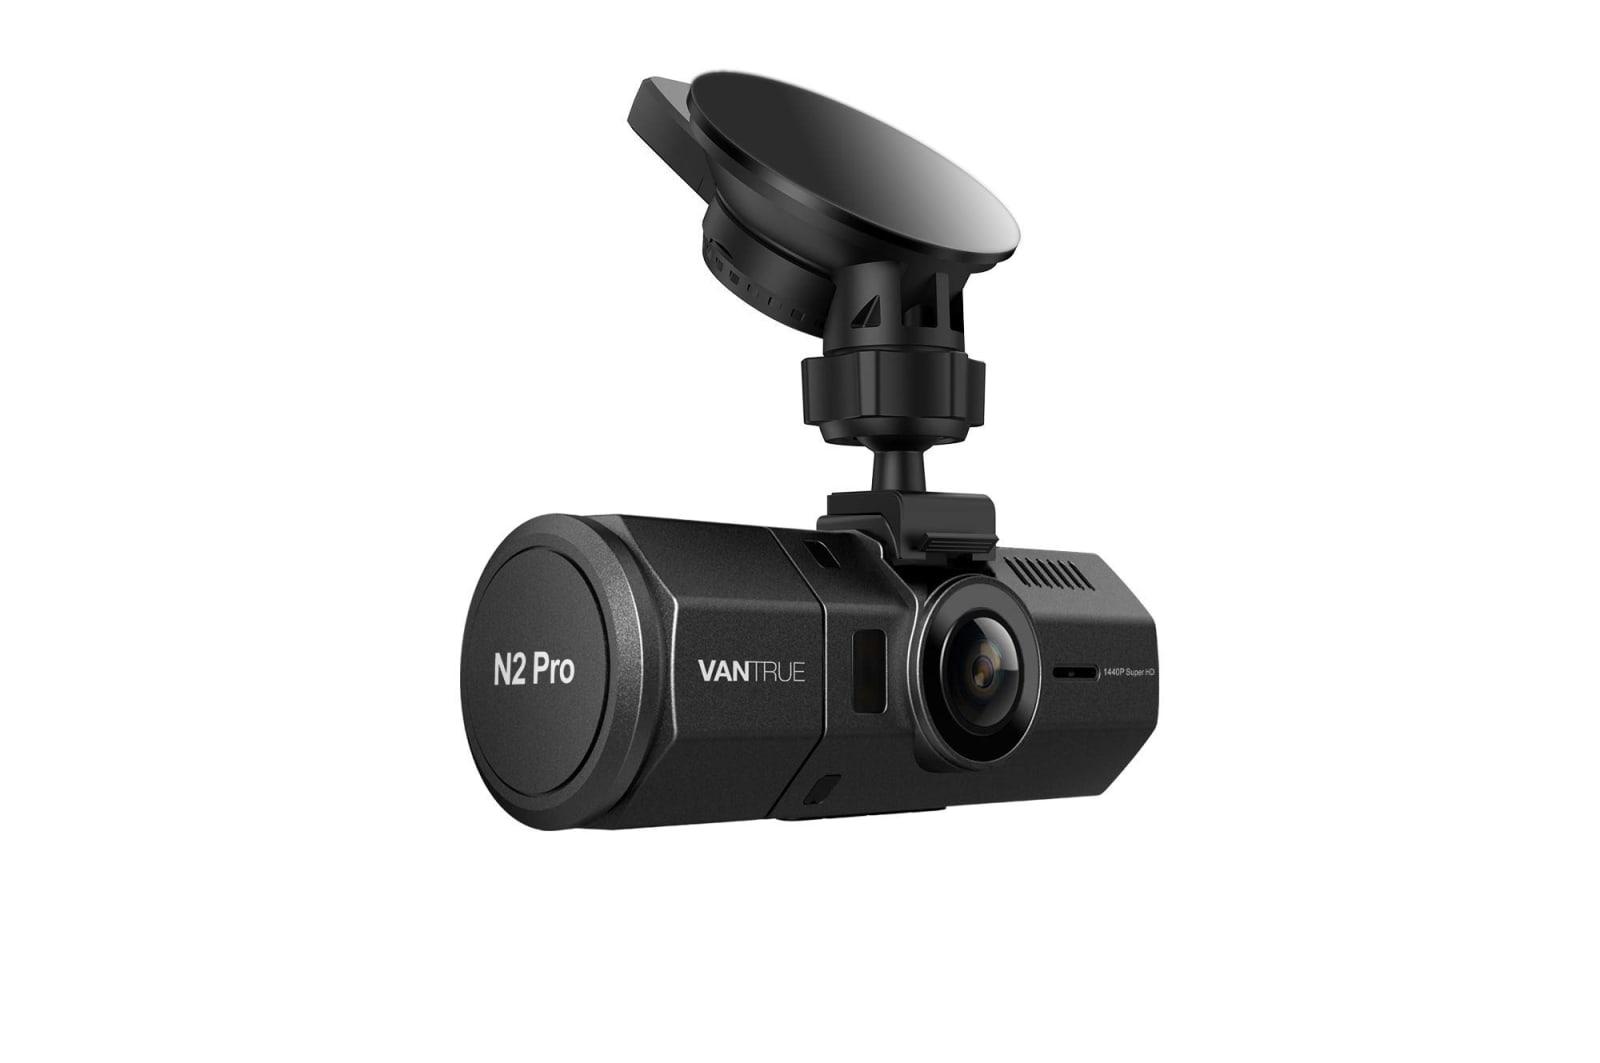 A Vantrue dashboard camera